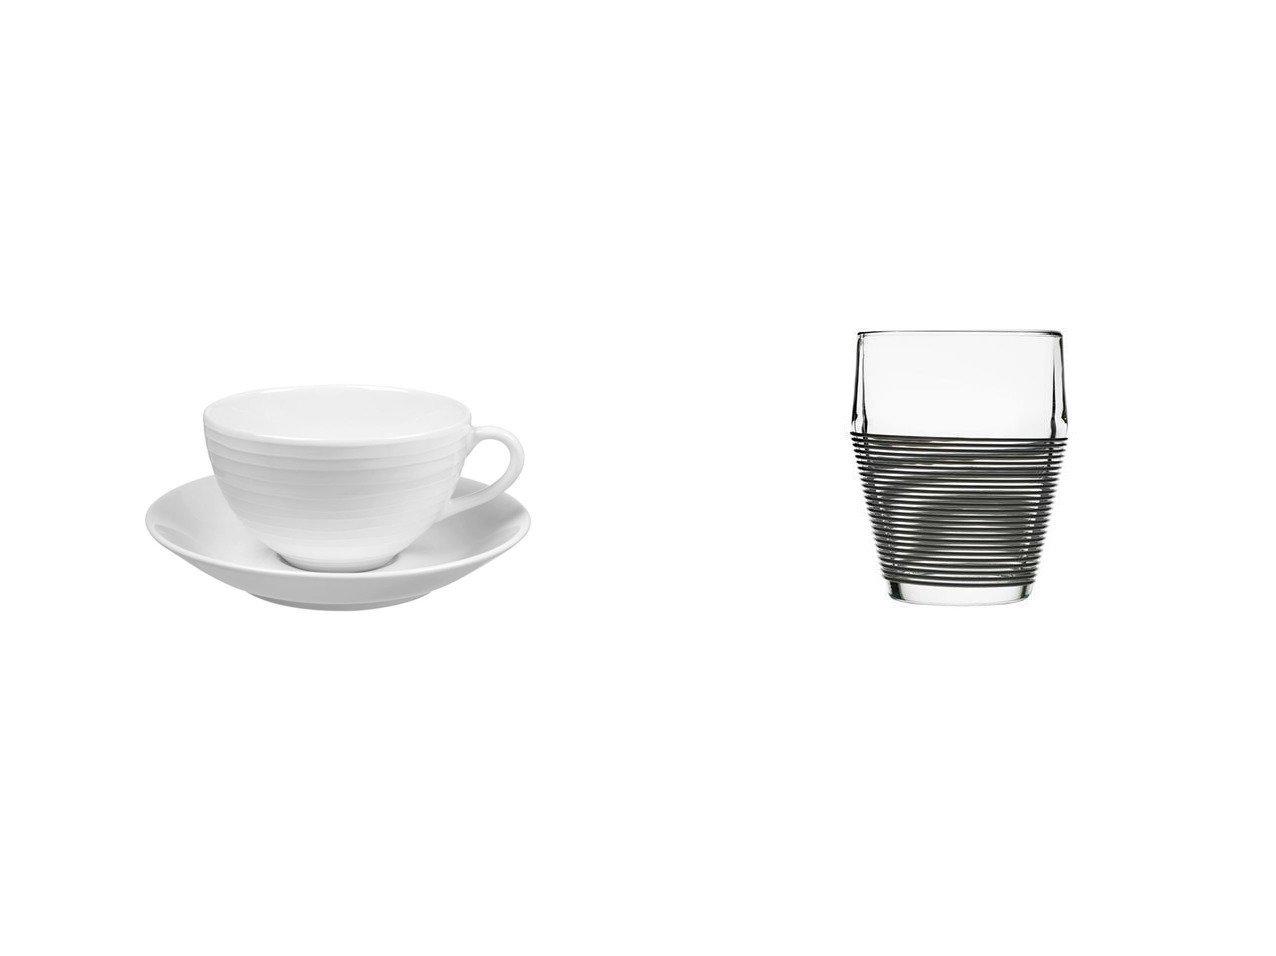 【Design House Stockholm/デザインハウスストックホルム】のテイモ タンブラー 2個セット&Blond dinnerware Cup & ブロンド ディナーウェア カップ&ソーサー(ストライプ) 【FURNITURE】おすすめ!人気、インテリア雑貨・家具の通販 おすすめで人気の流行・トレンド、ファッションの通販商品 インテリア・家具・メンズファッション・キッズファッション・レディースファッション・服の通販 founy(ファニー) https://founy.com/ クラシック ストライプ テーブル プレート ガラス グラス シリコン タンブラー フィット |ID:crp329100000060060